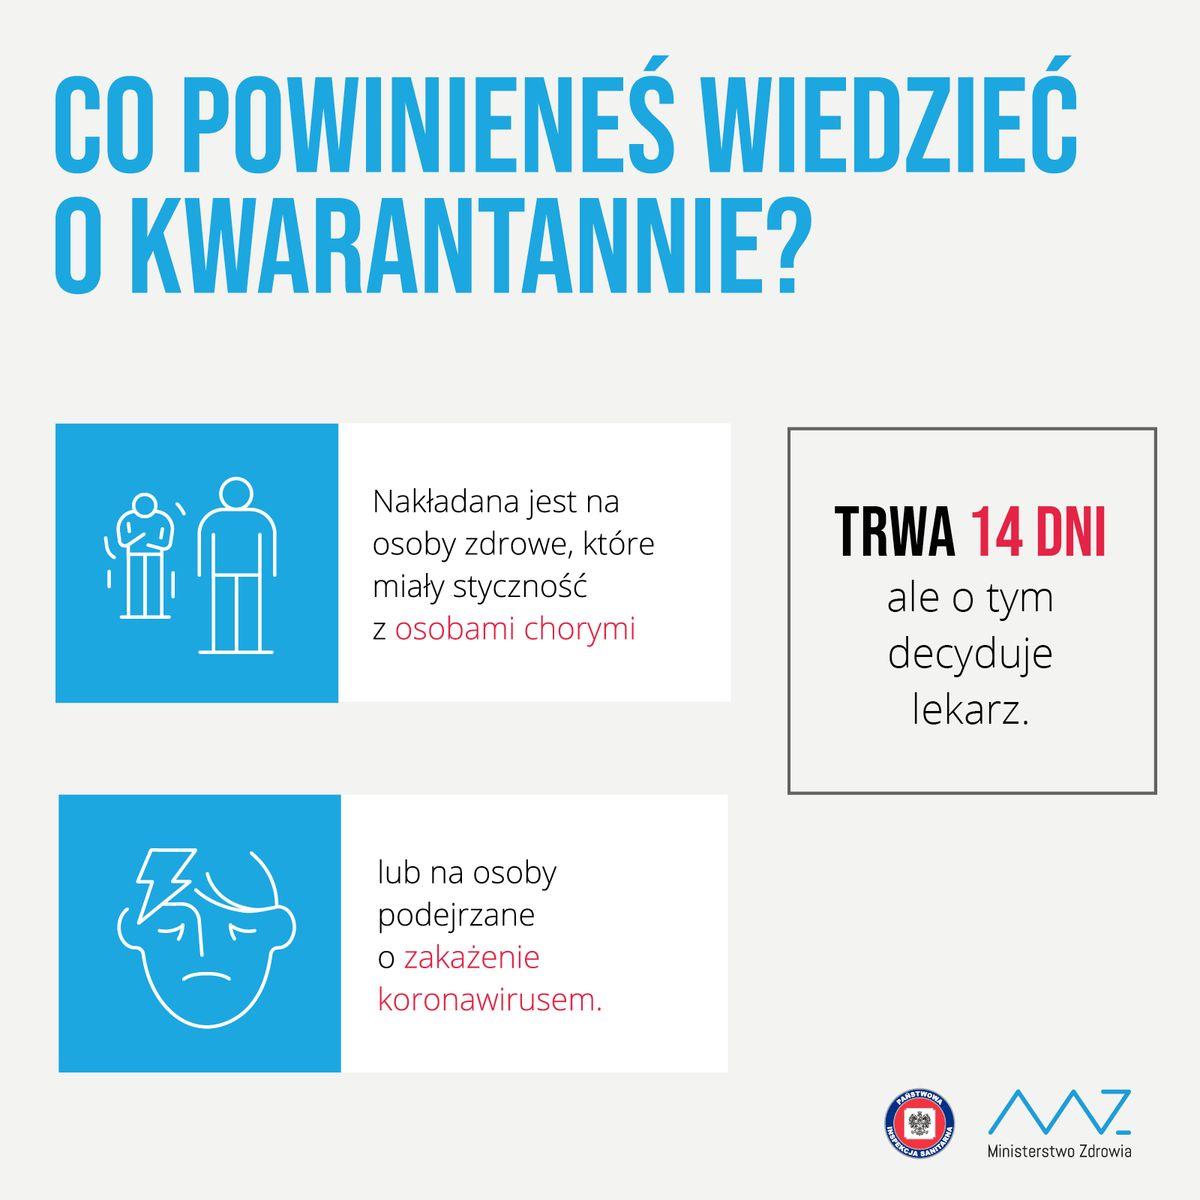 Koronawirus - Co powinieneś wiedzieć okwarantannie?